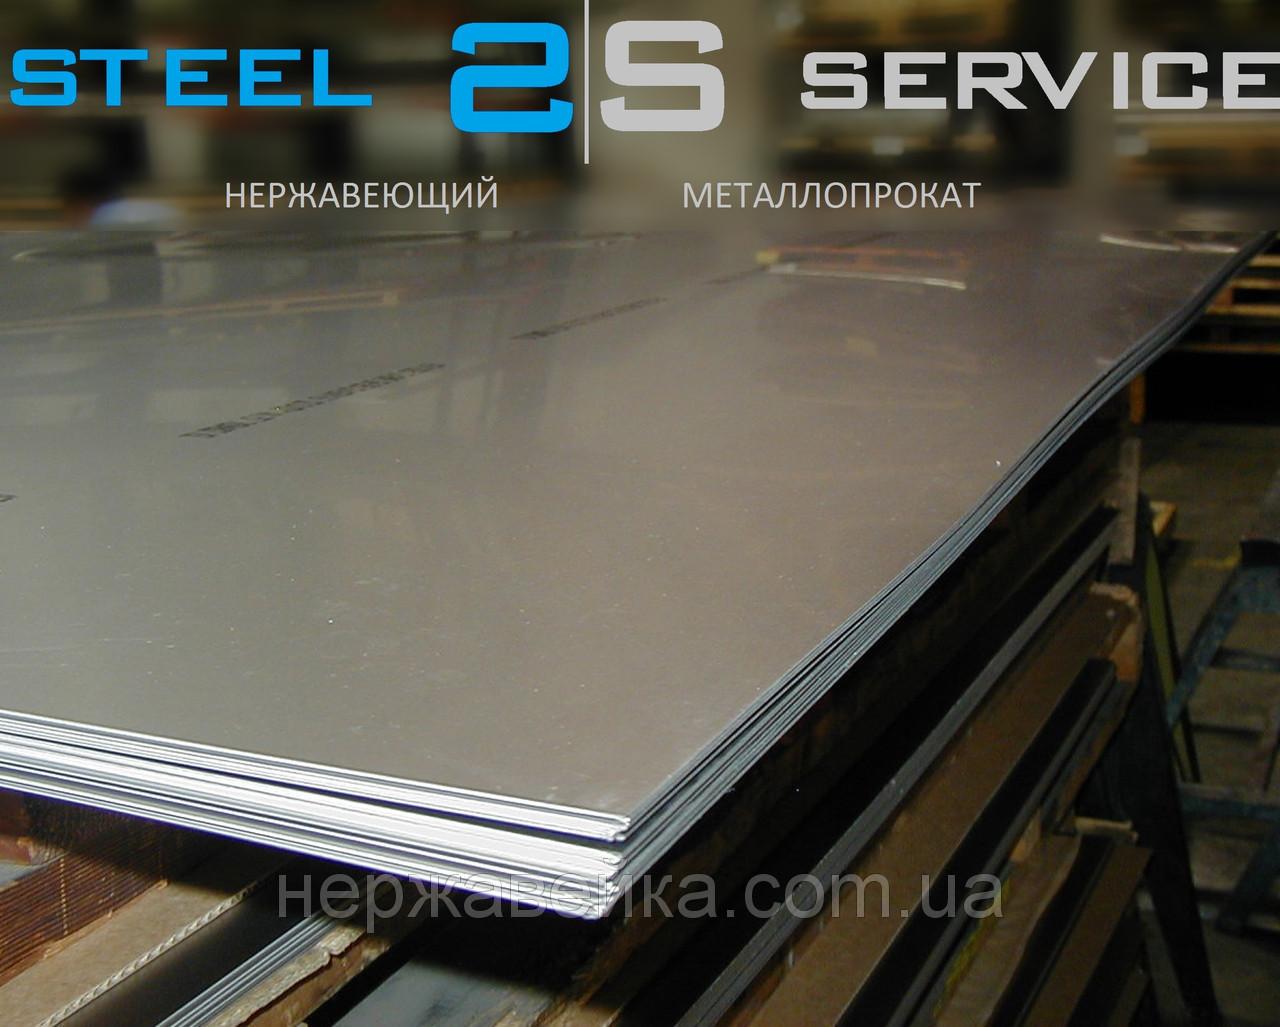 Нержавейка лист 2х1250х2500мм AiSi 201  (12Х15Г9НД) - 4N - шлифованный